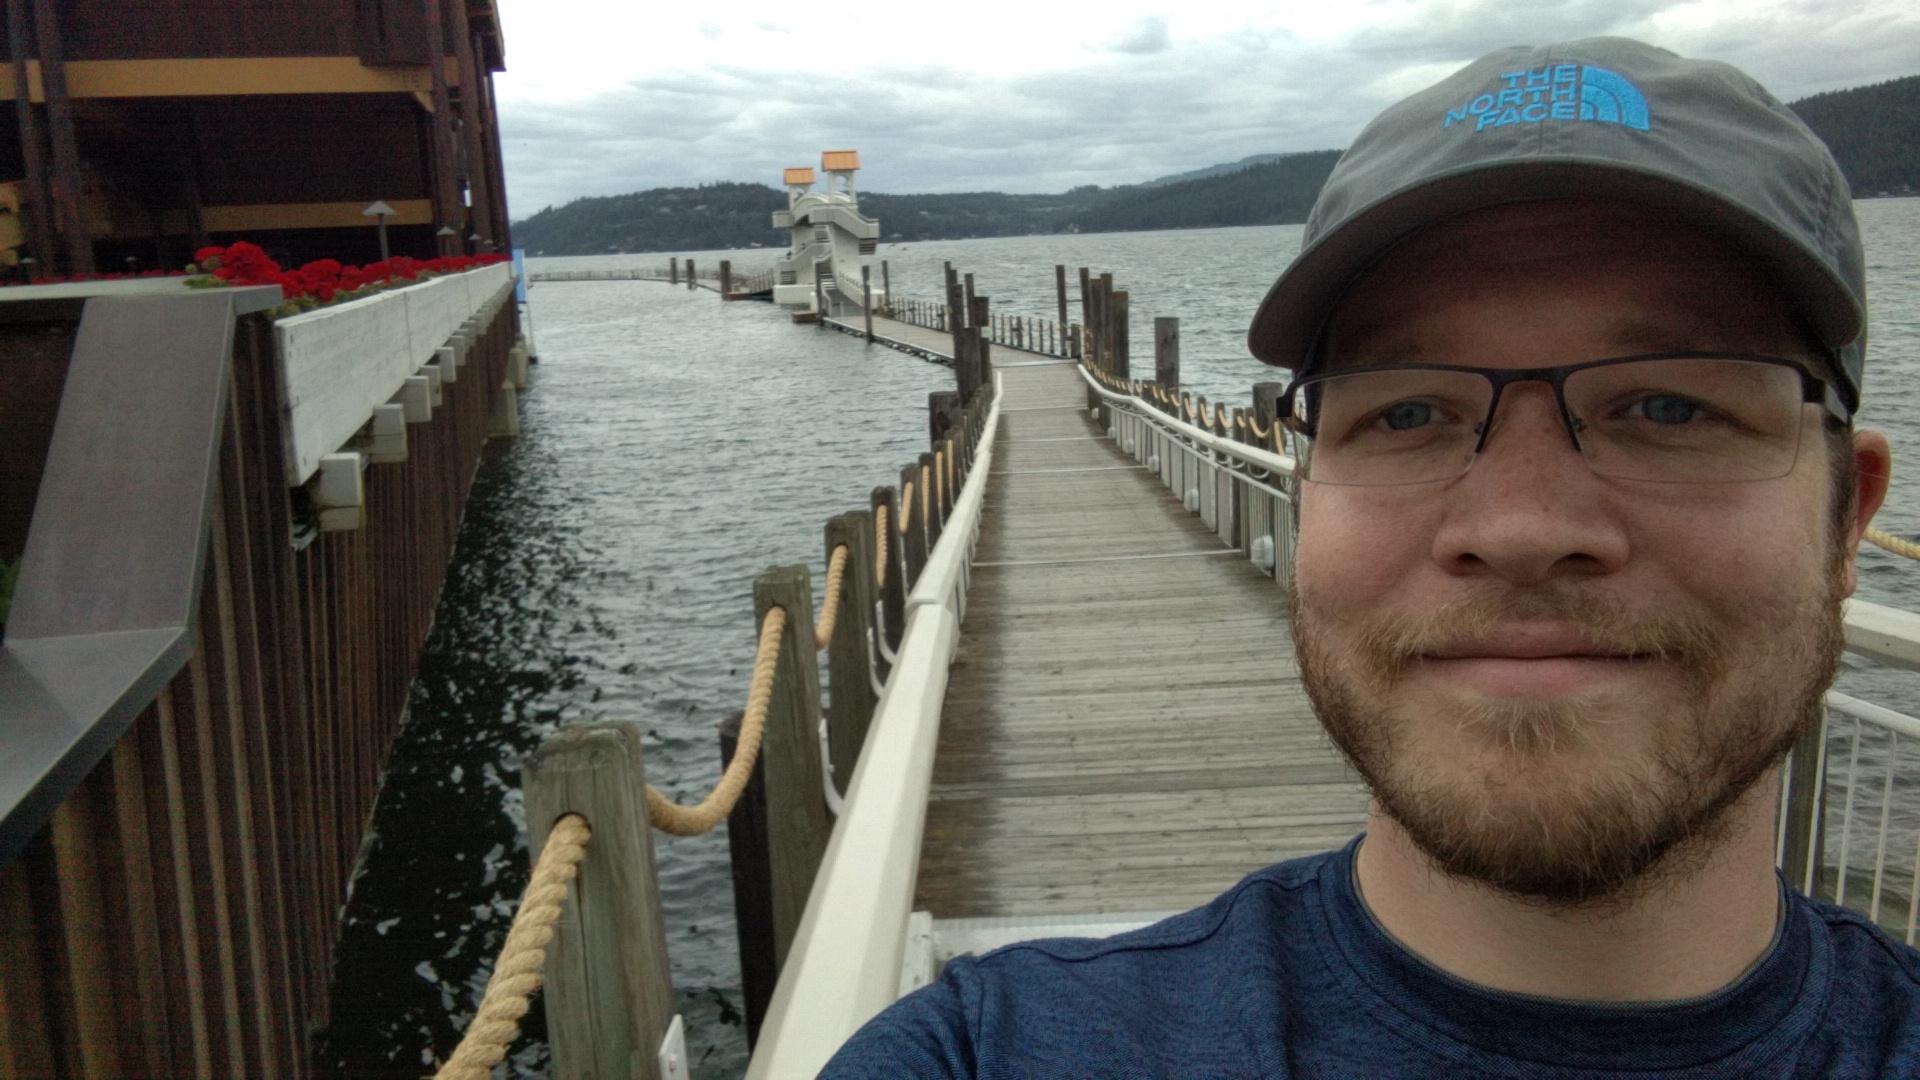 The world's longest floating boardwalk.